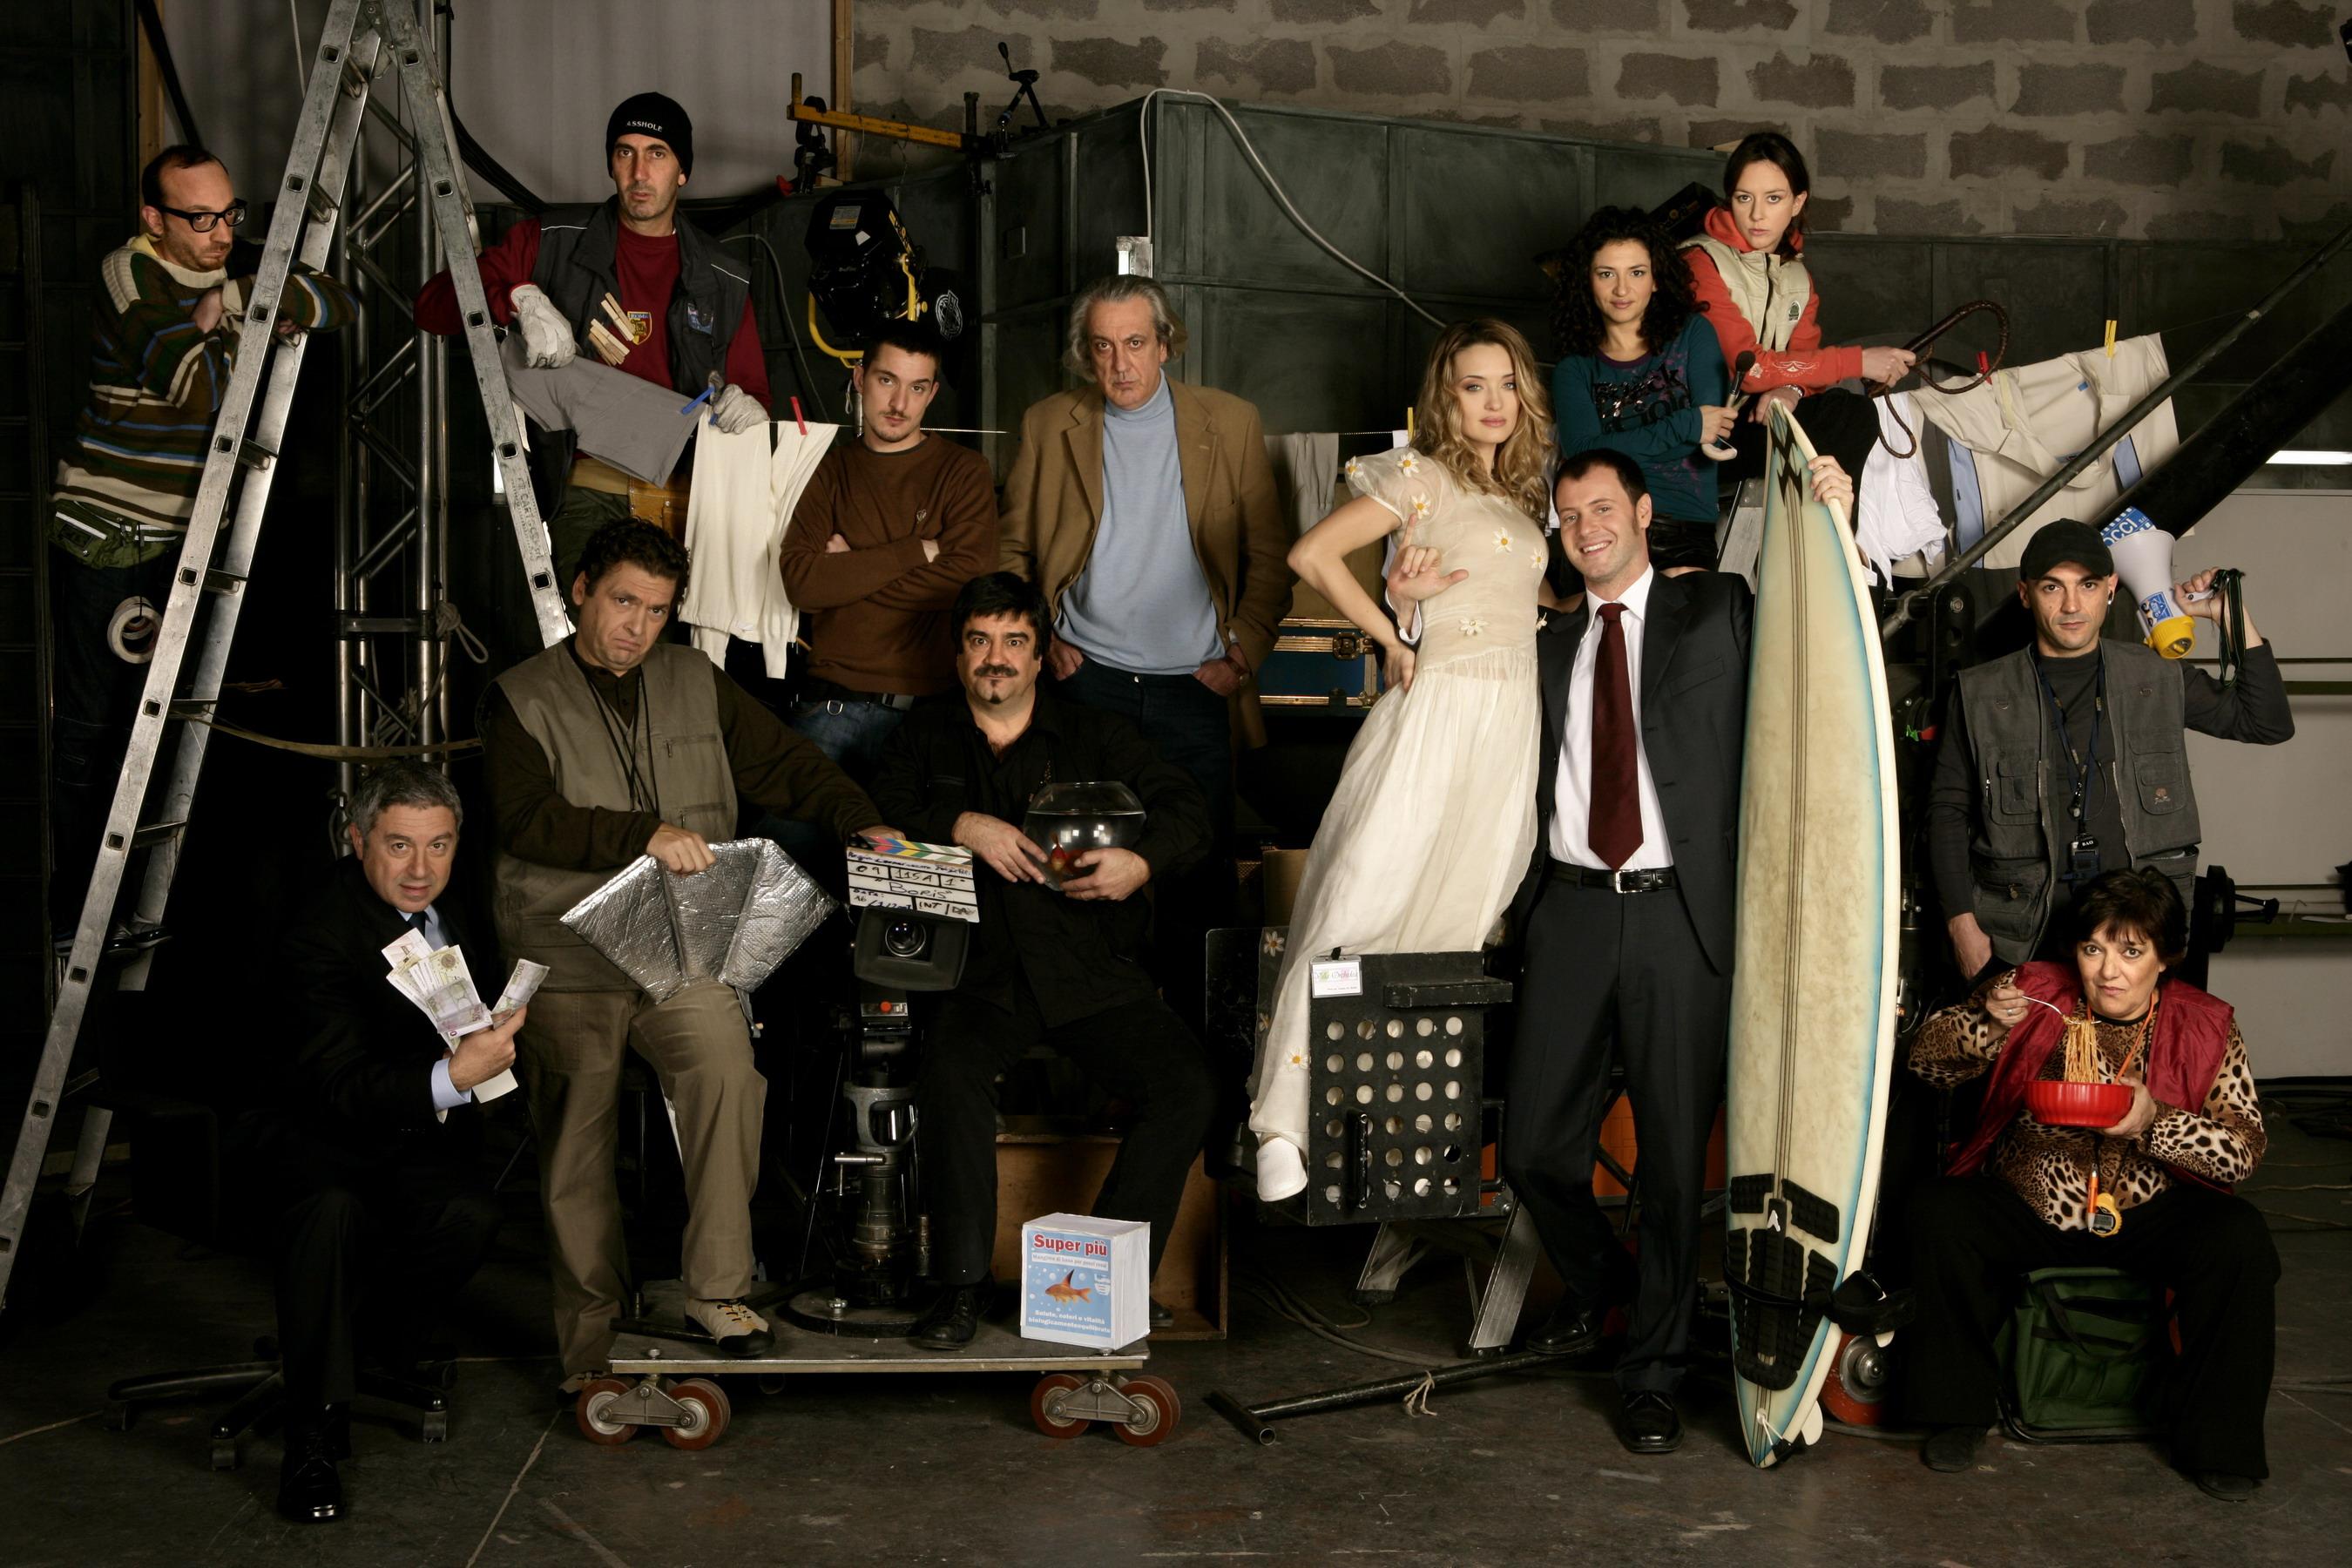 serie-tv-boris-streaming-disney-plus-serie-tv-boris-streaming-disney-plus_(1).jpg